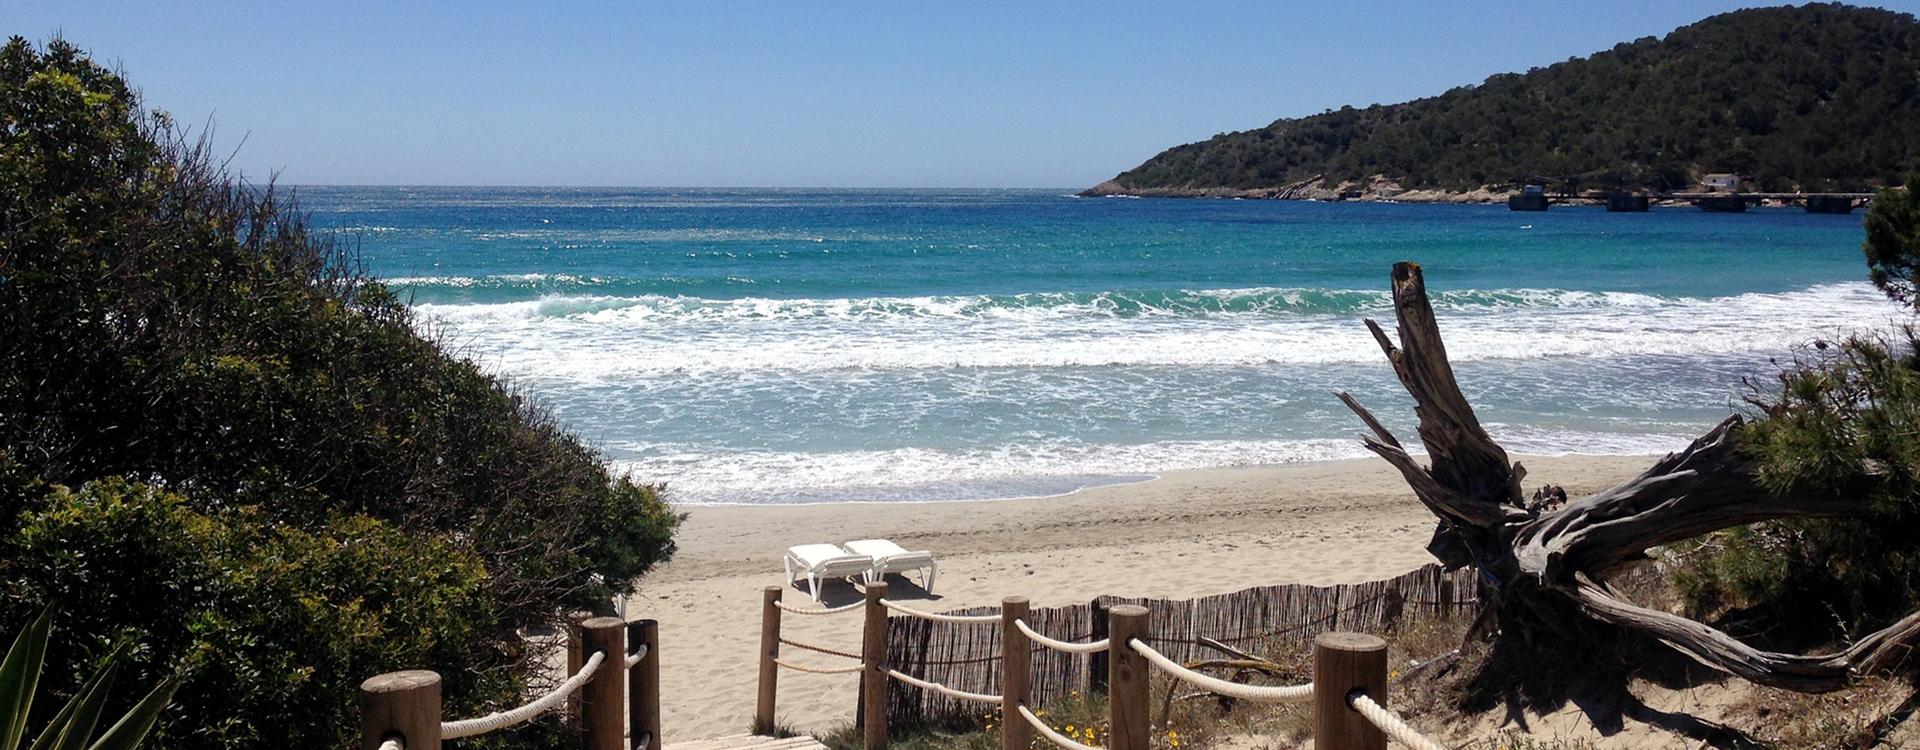 Zeilvakantie Balearen: Ibiza